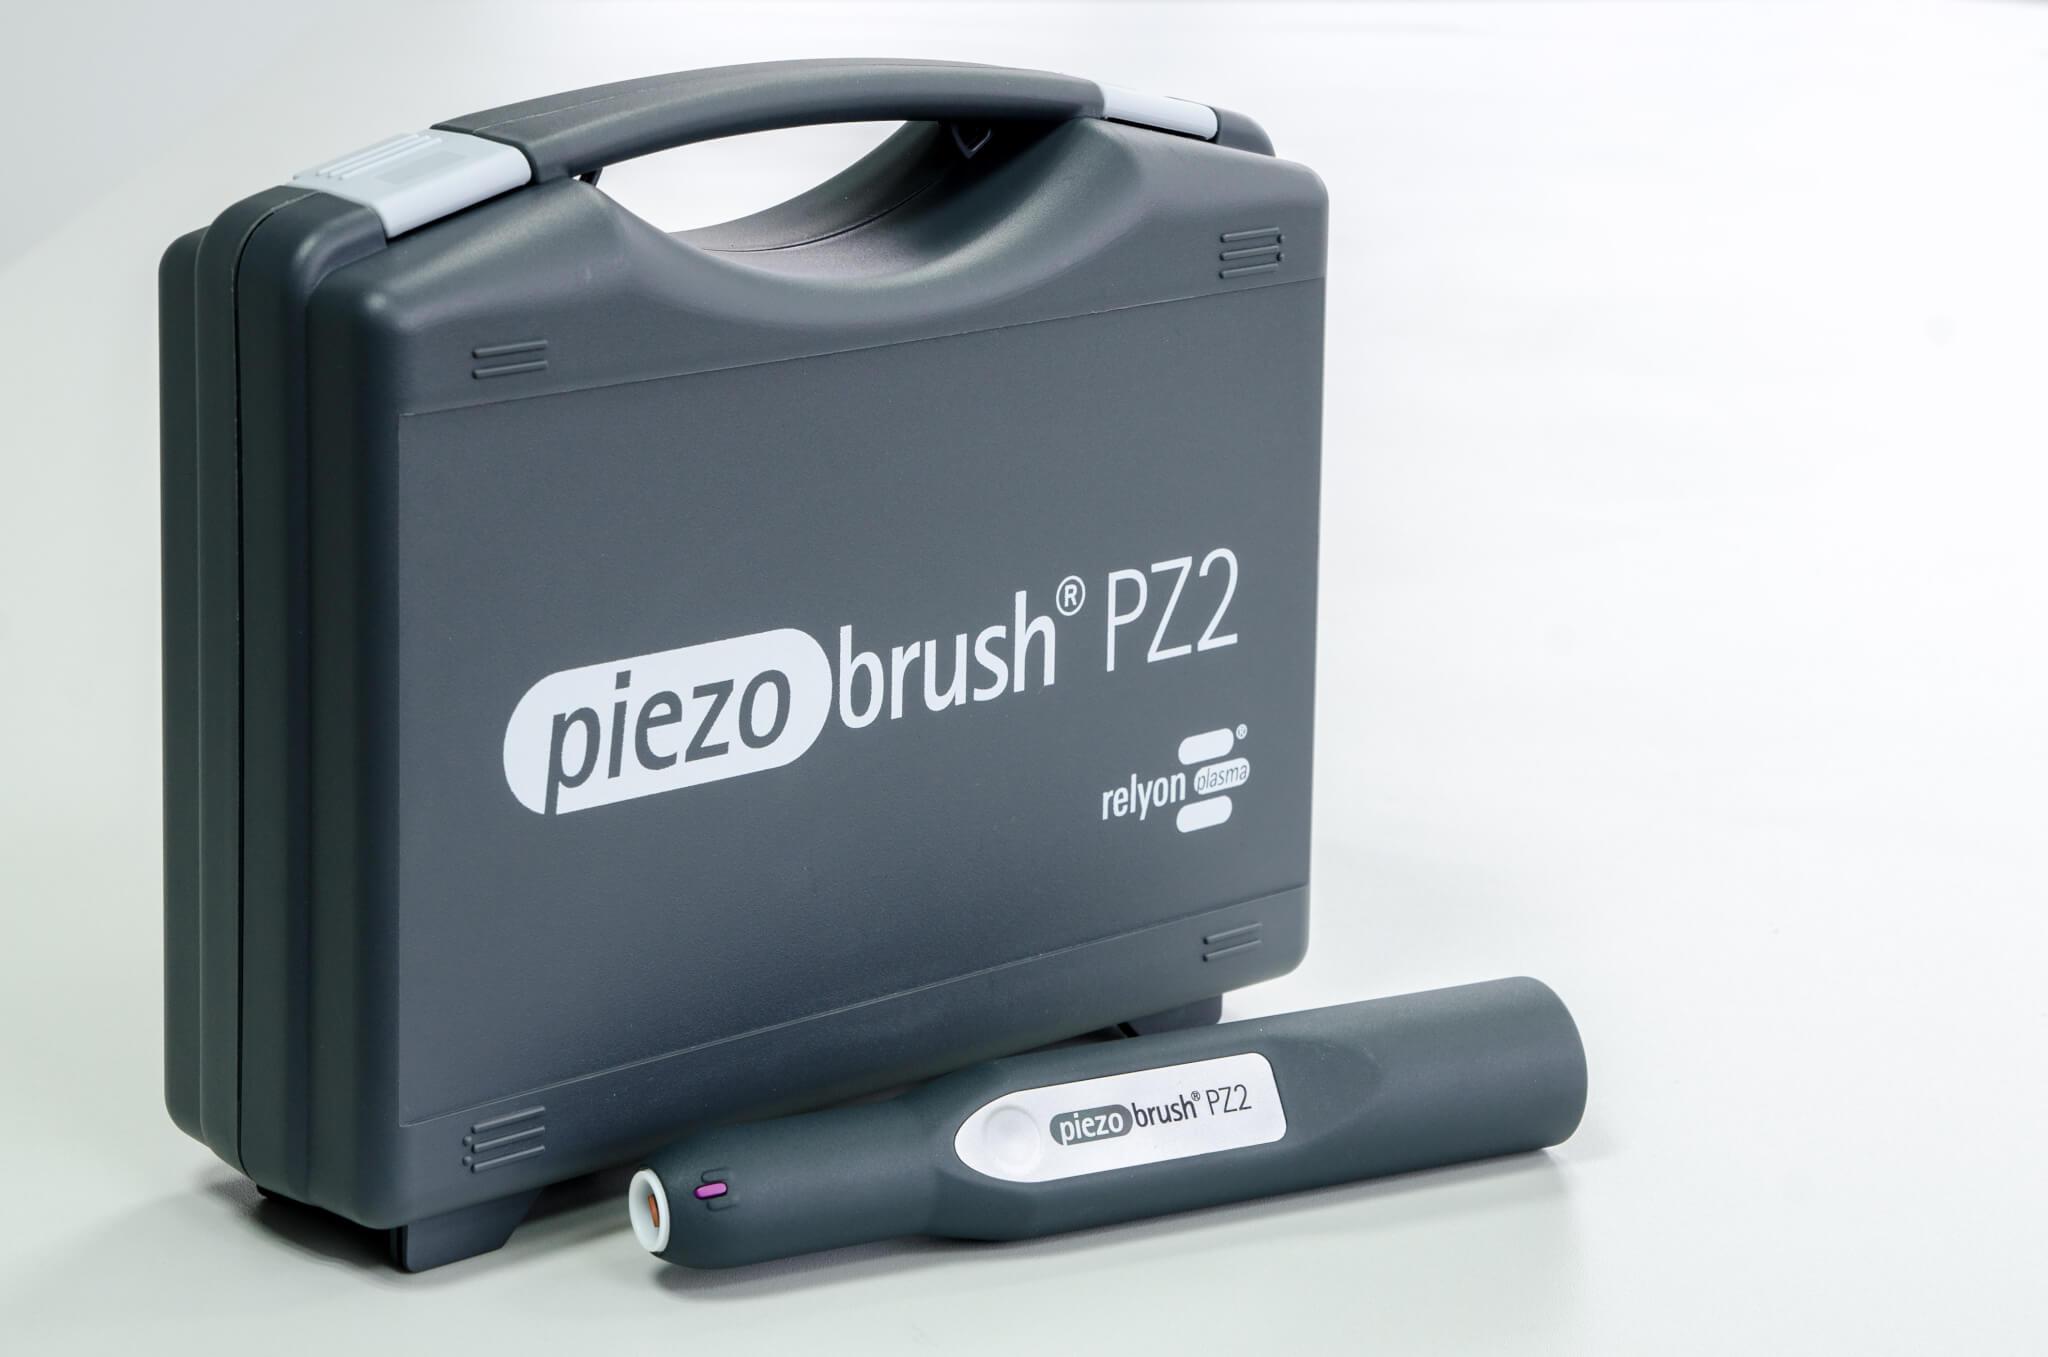 Piezobrush Pz2 Pz2 I Plasma Surface Treatment System Www